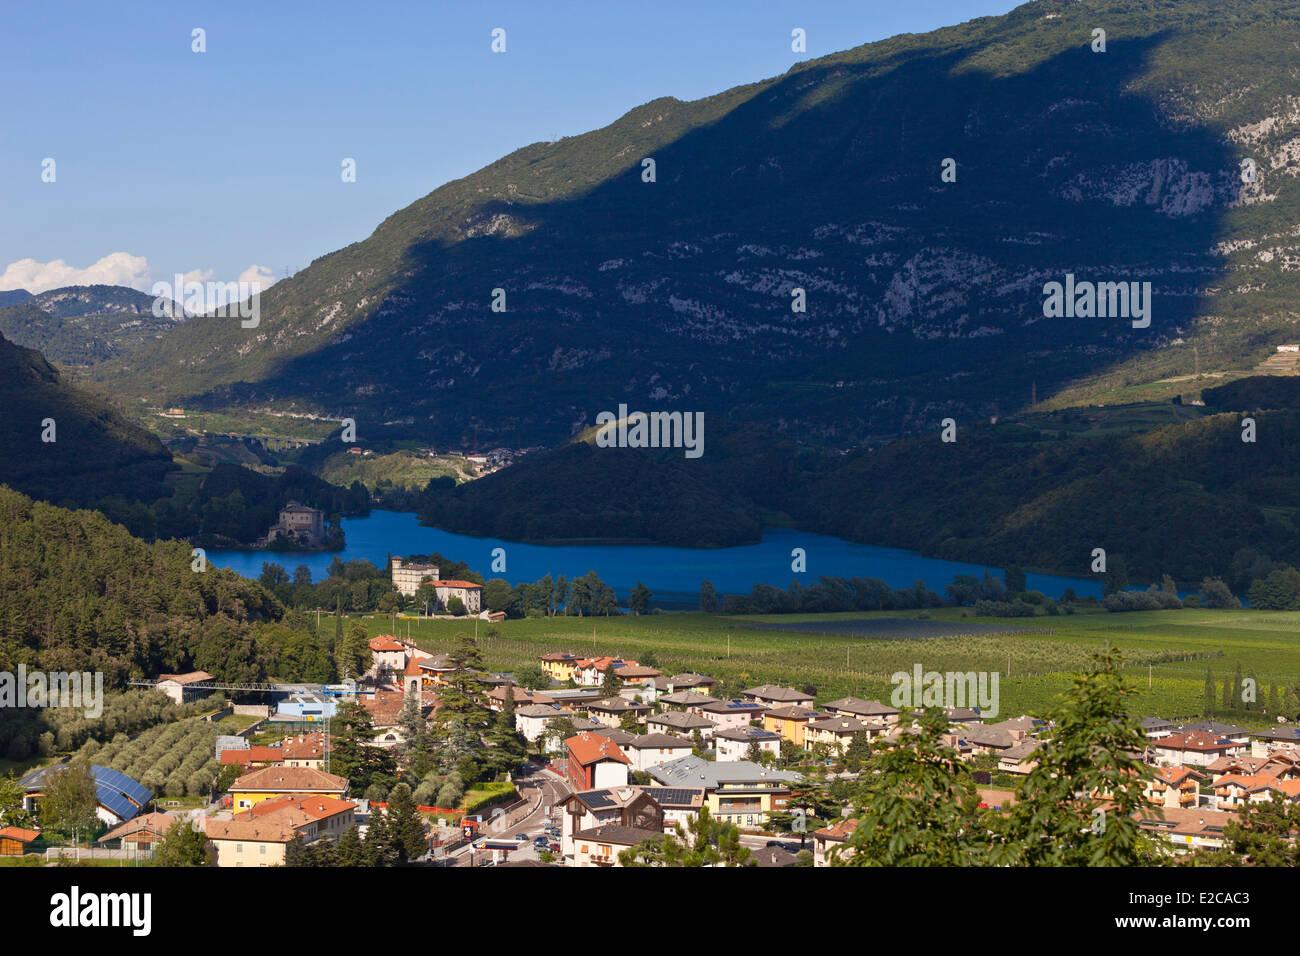 Italy, Trentino Alto Adige, Dolomites, Lake di Toblino - Stock Image